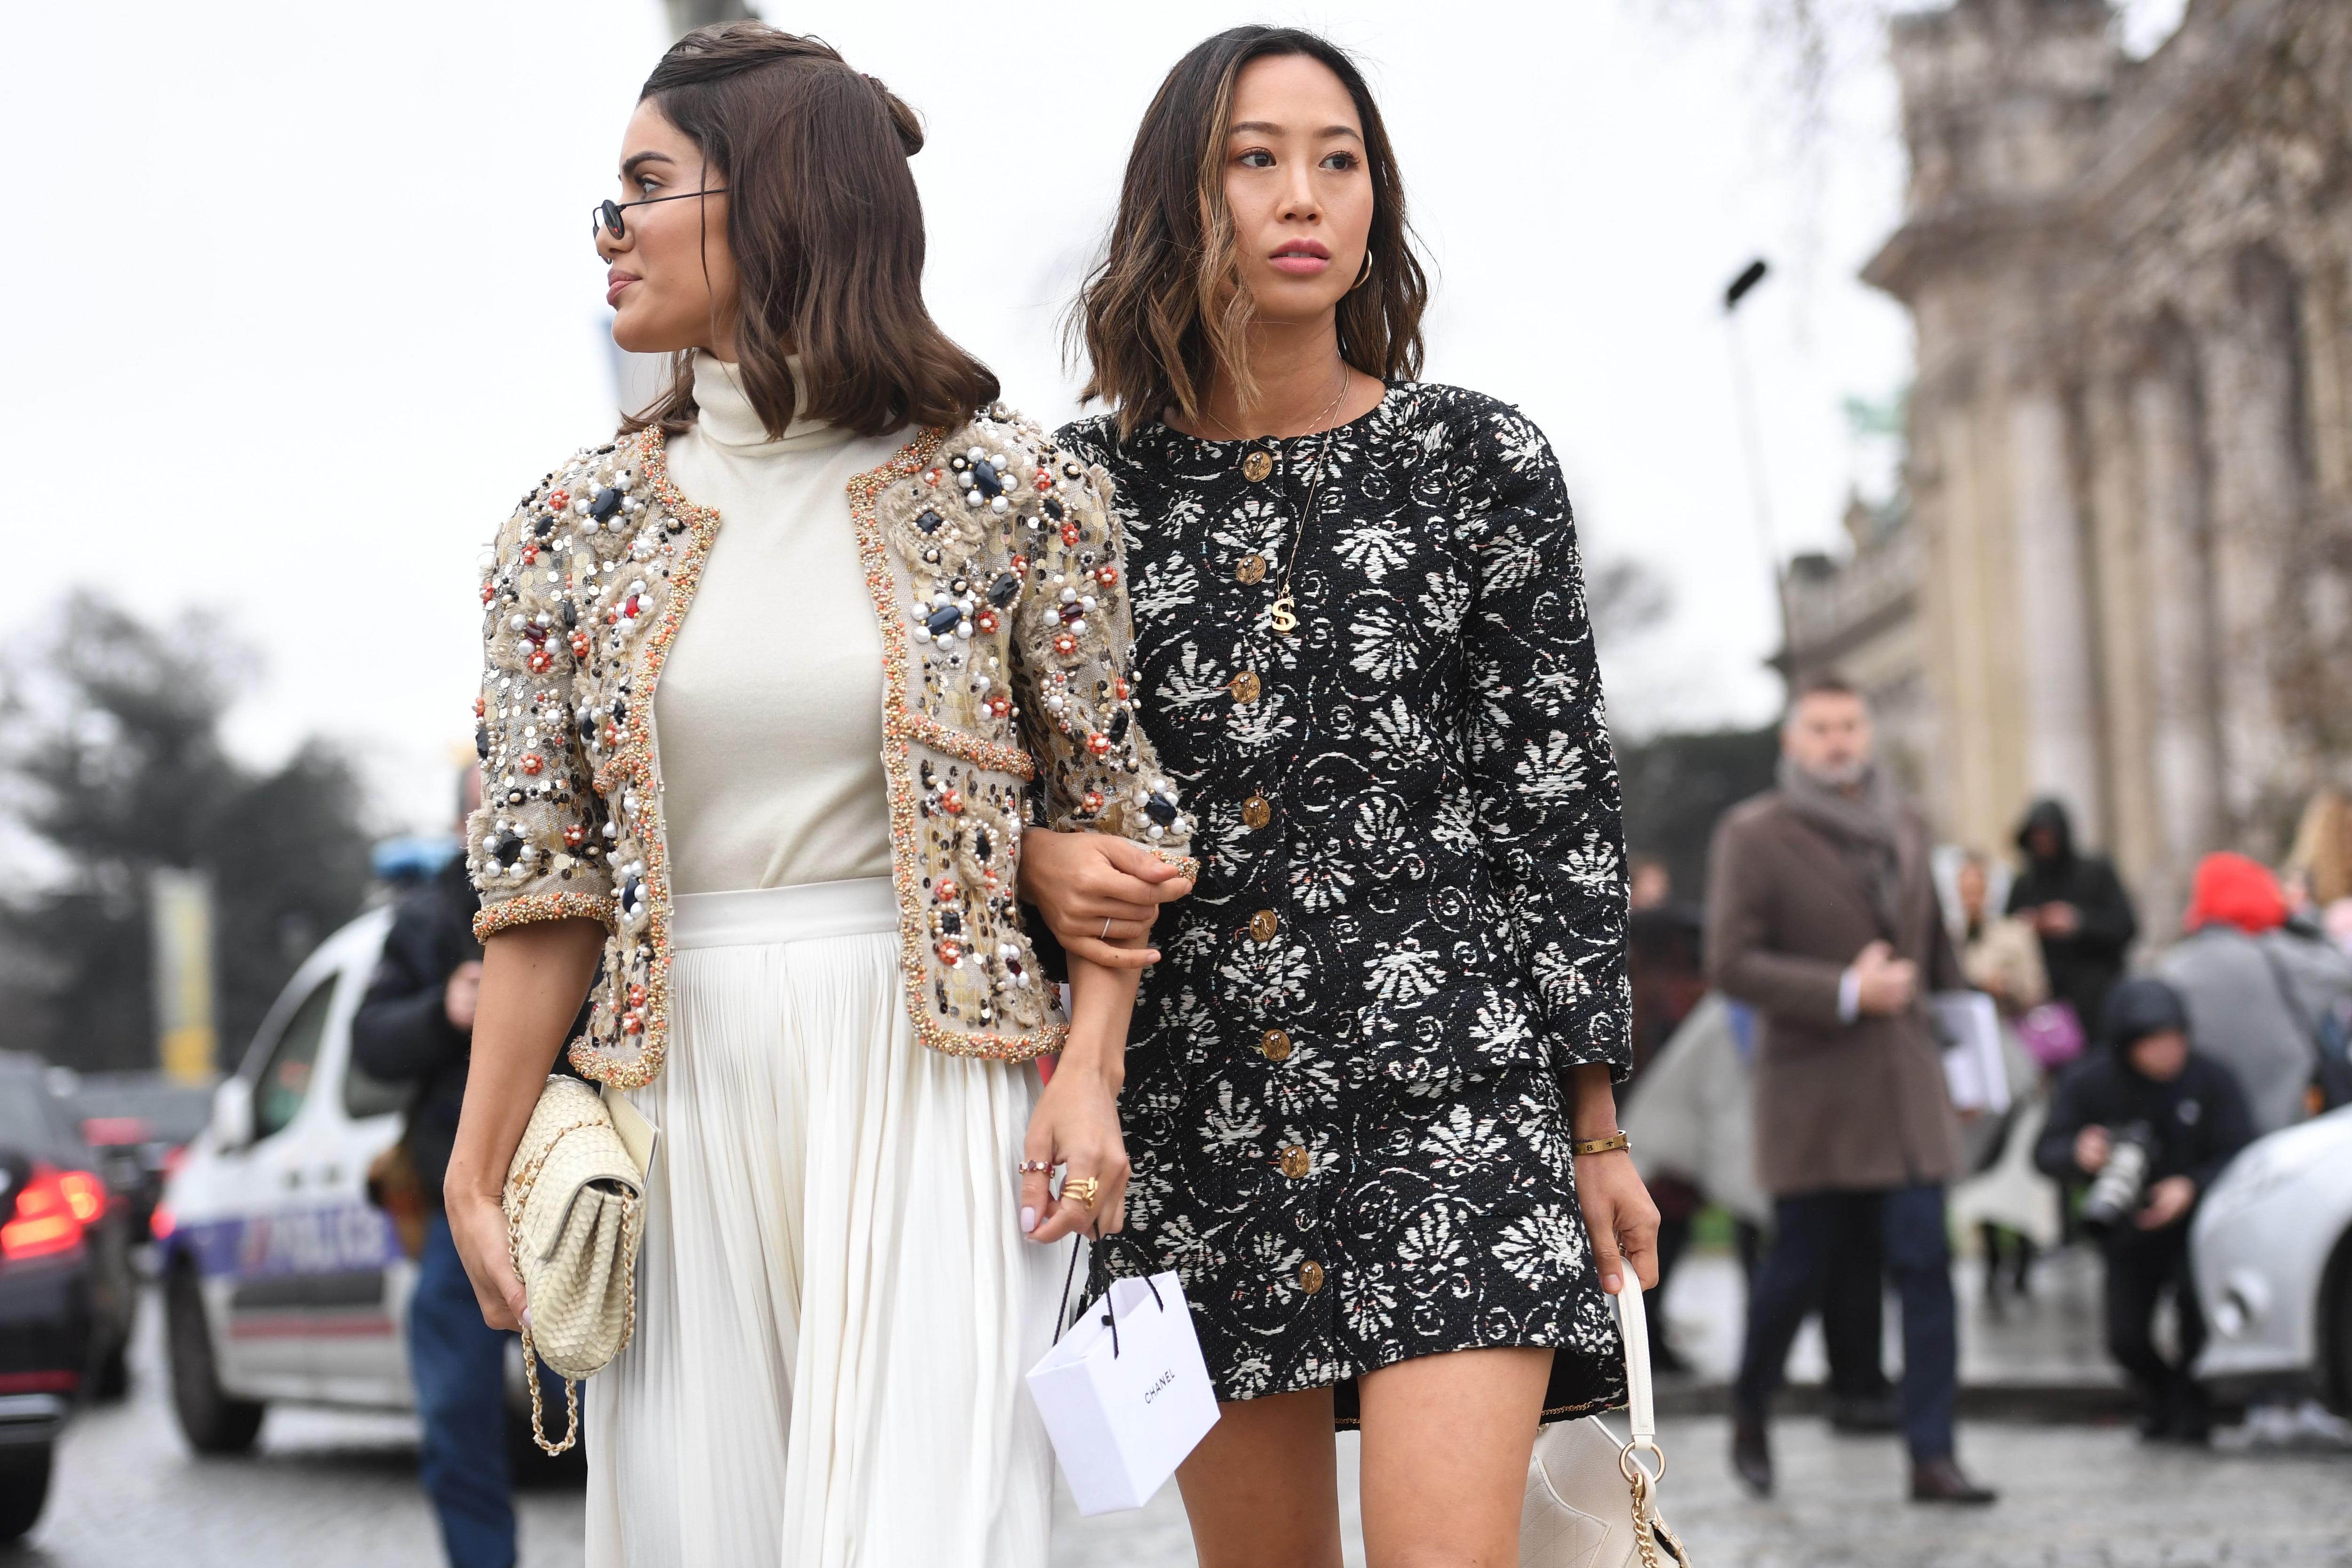 Dos mujeres castañas con corte Bob, ambas de melena lacia, con movimiento natural, raya al medio